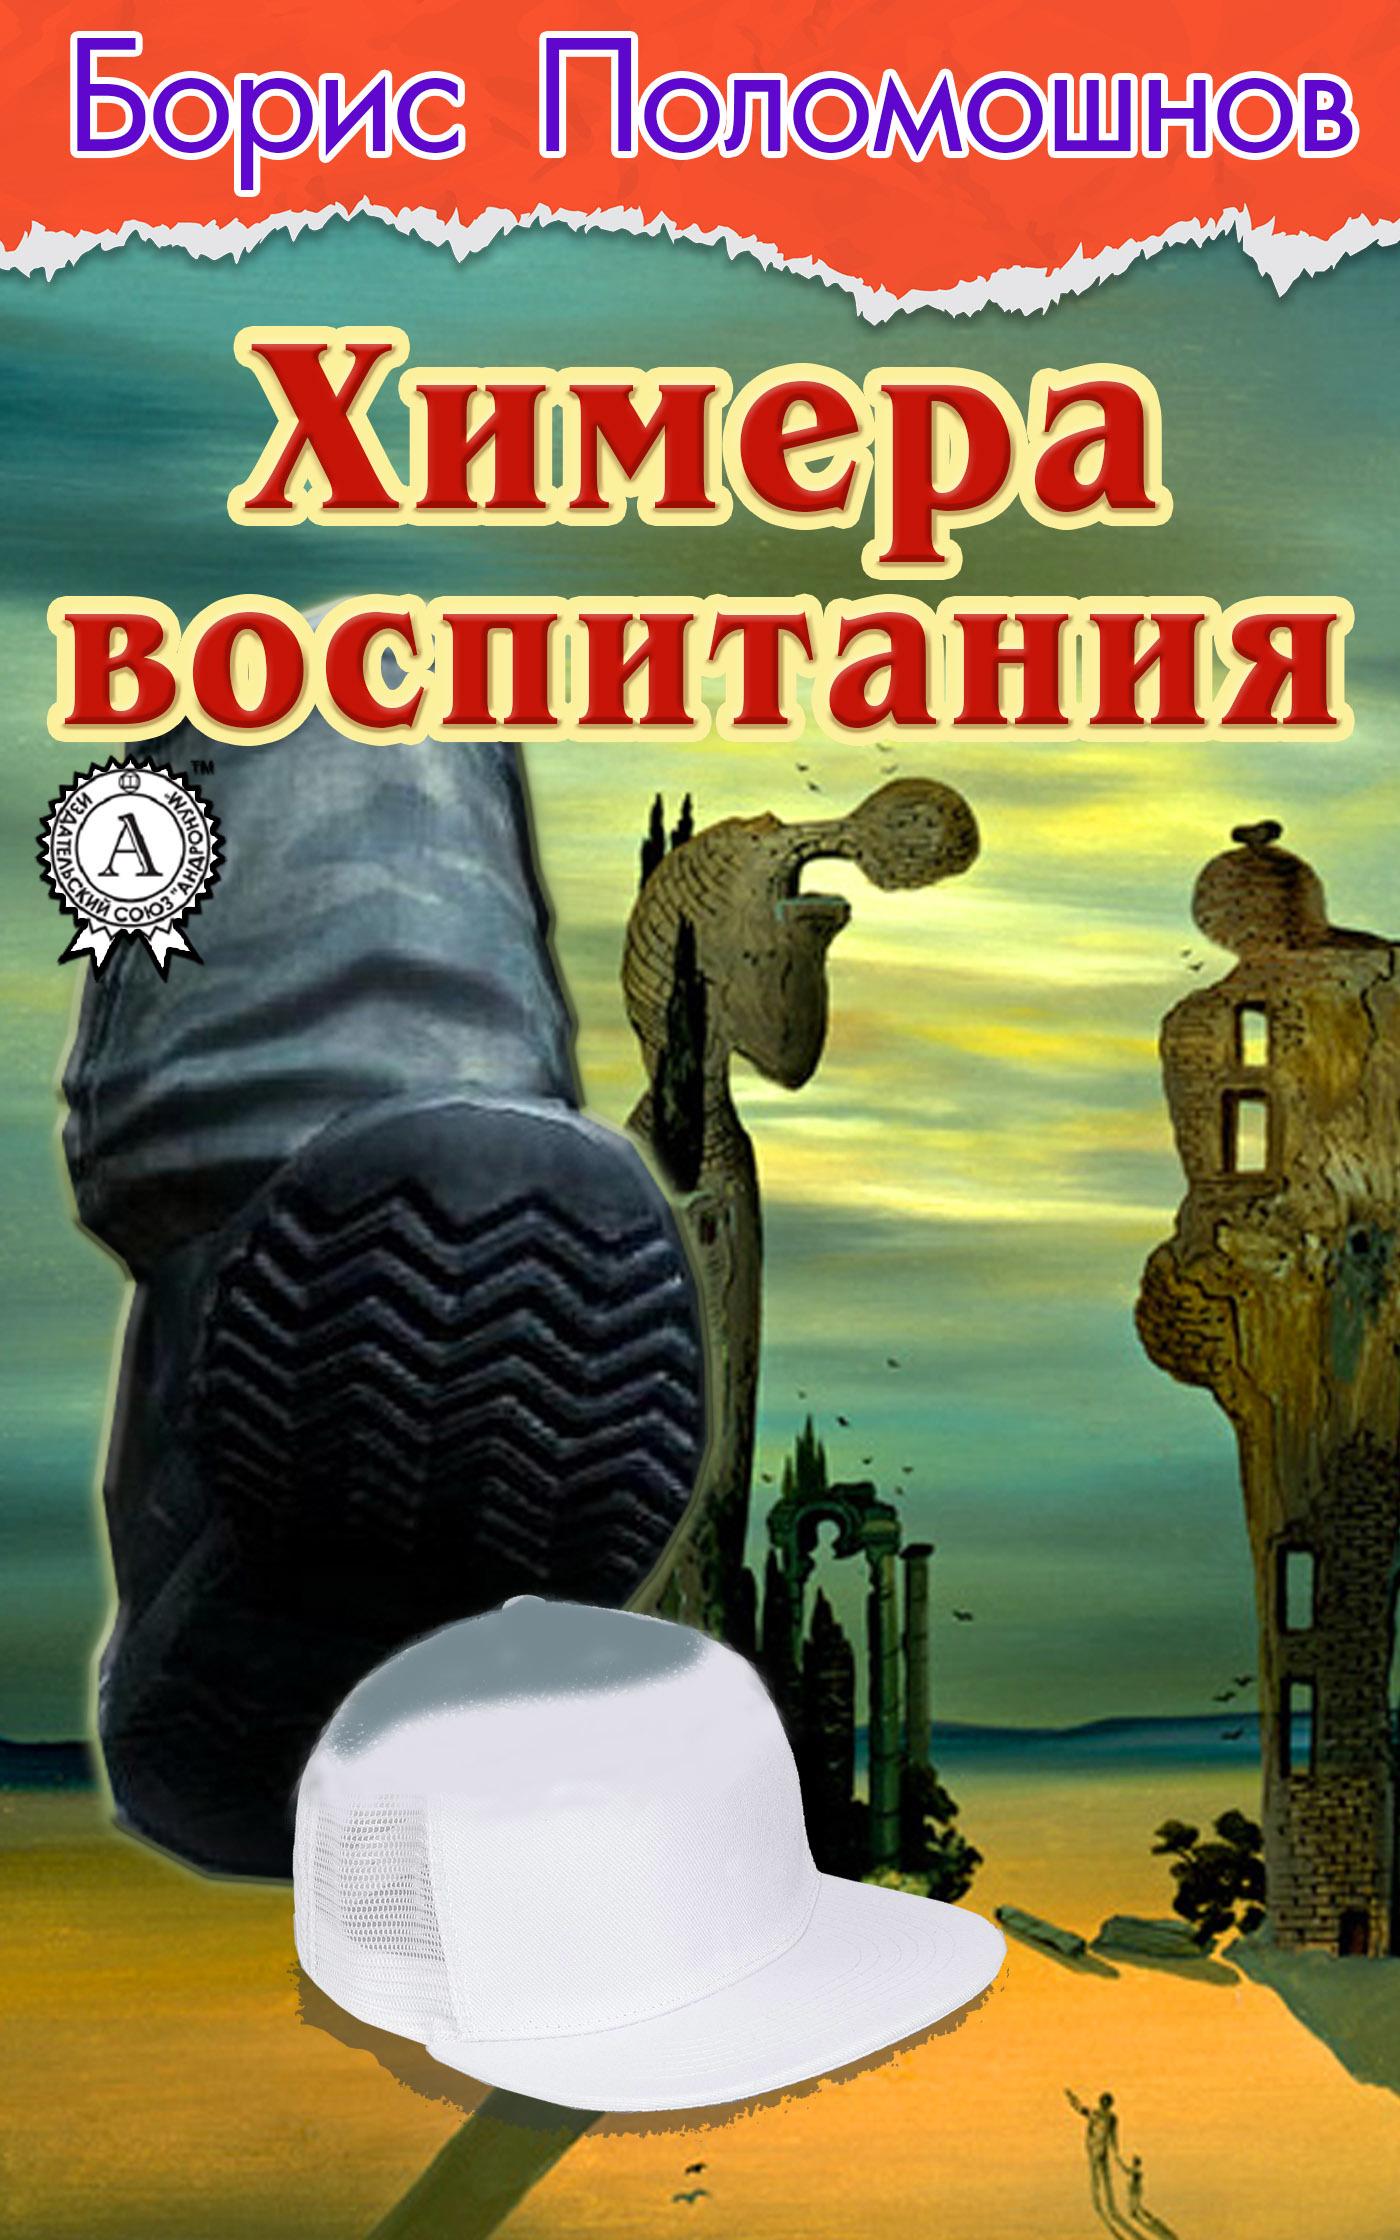 Борис Поломошнов - Химера воспитания